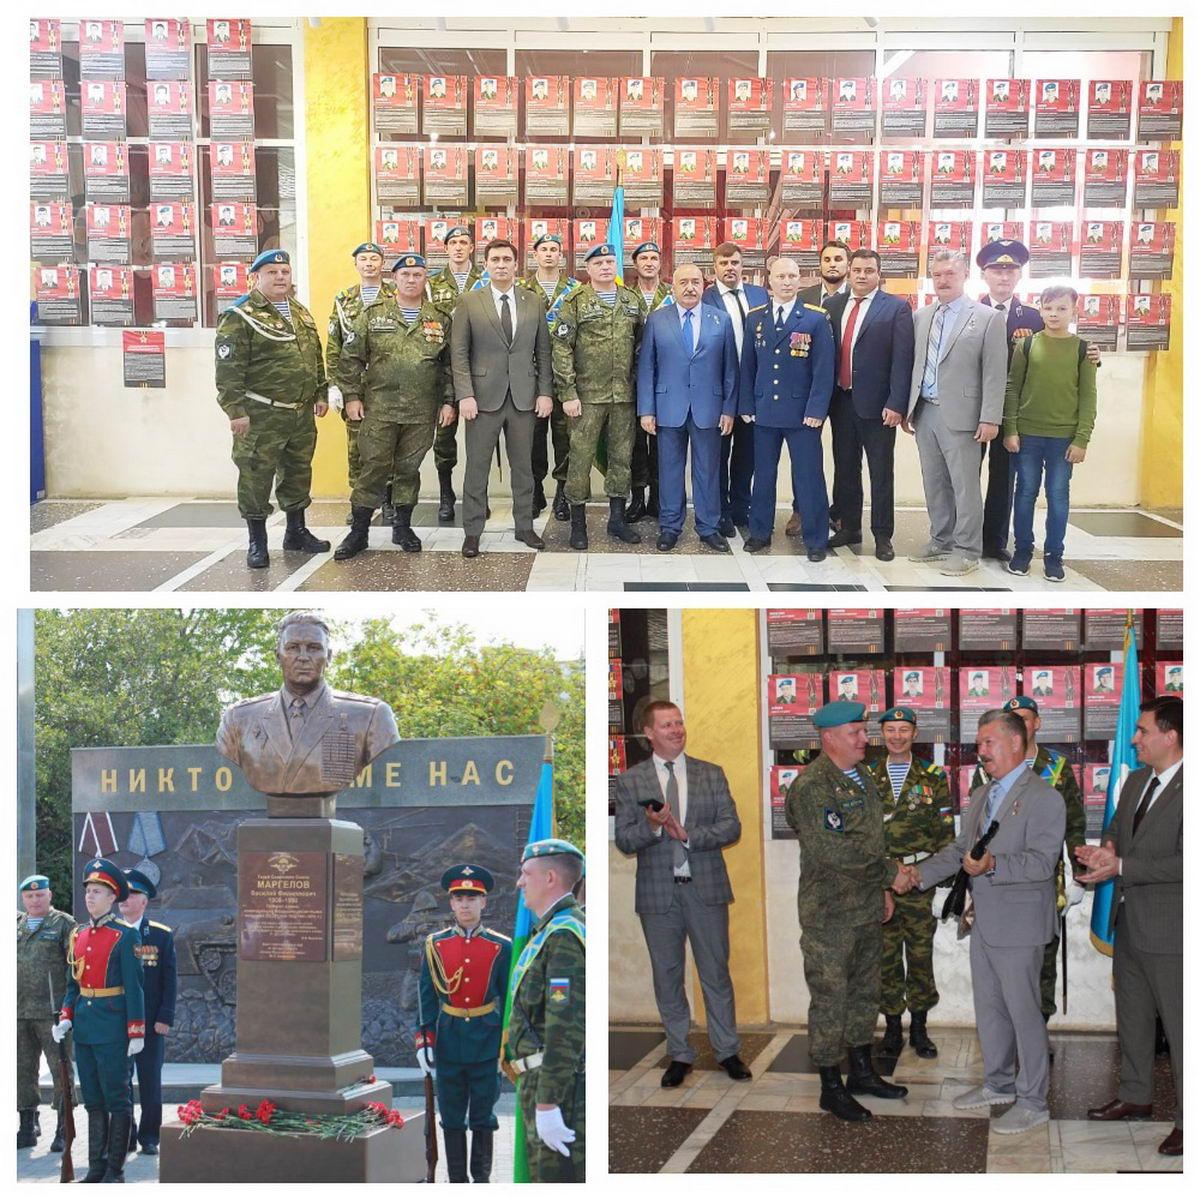 «Союз десантников Удмуртии» подготовил и открыл развёрнутую экспозицию героям-десантникам 6-й роты